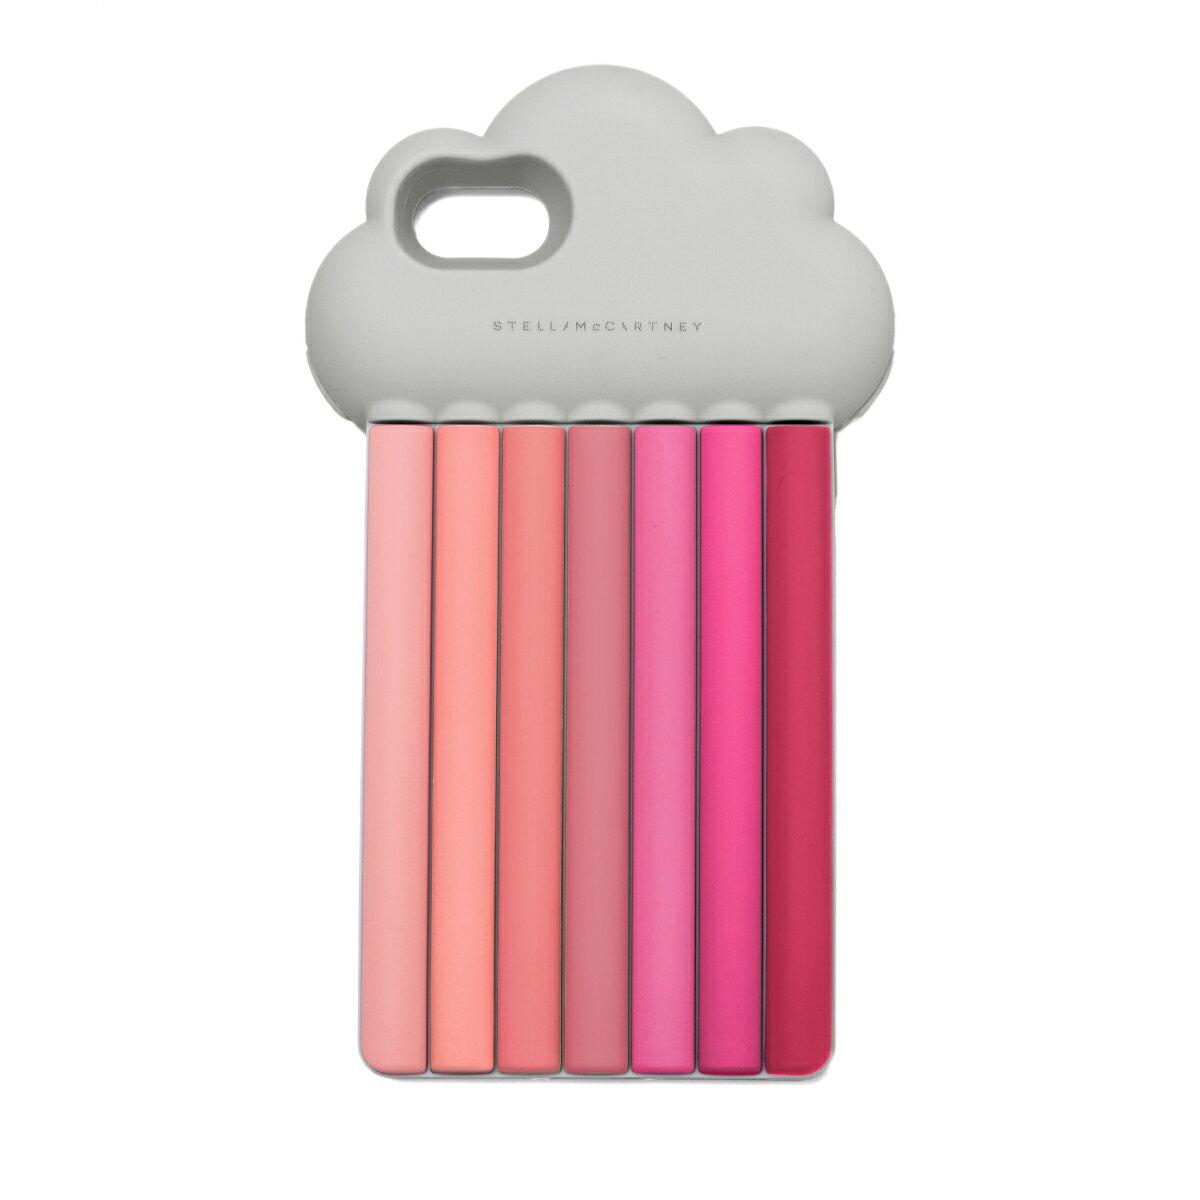 ステラ マッカートニー STELLA McCARTNEY iPhone7ケース レディース 478621 W9941 5647 RAINBOW マルチカラー